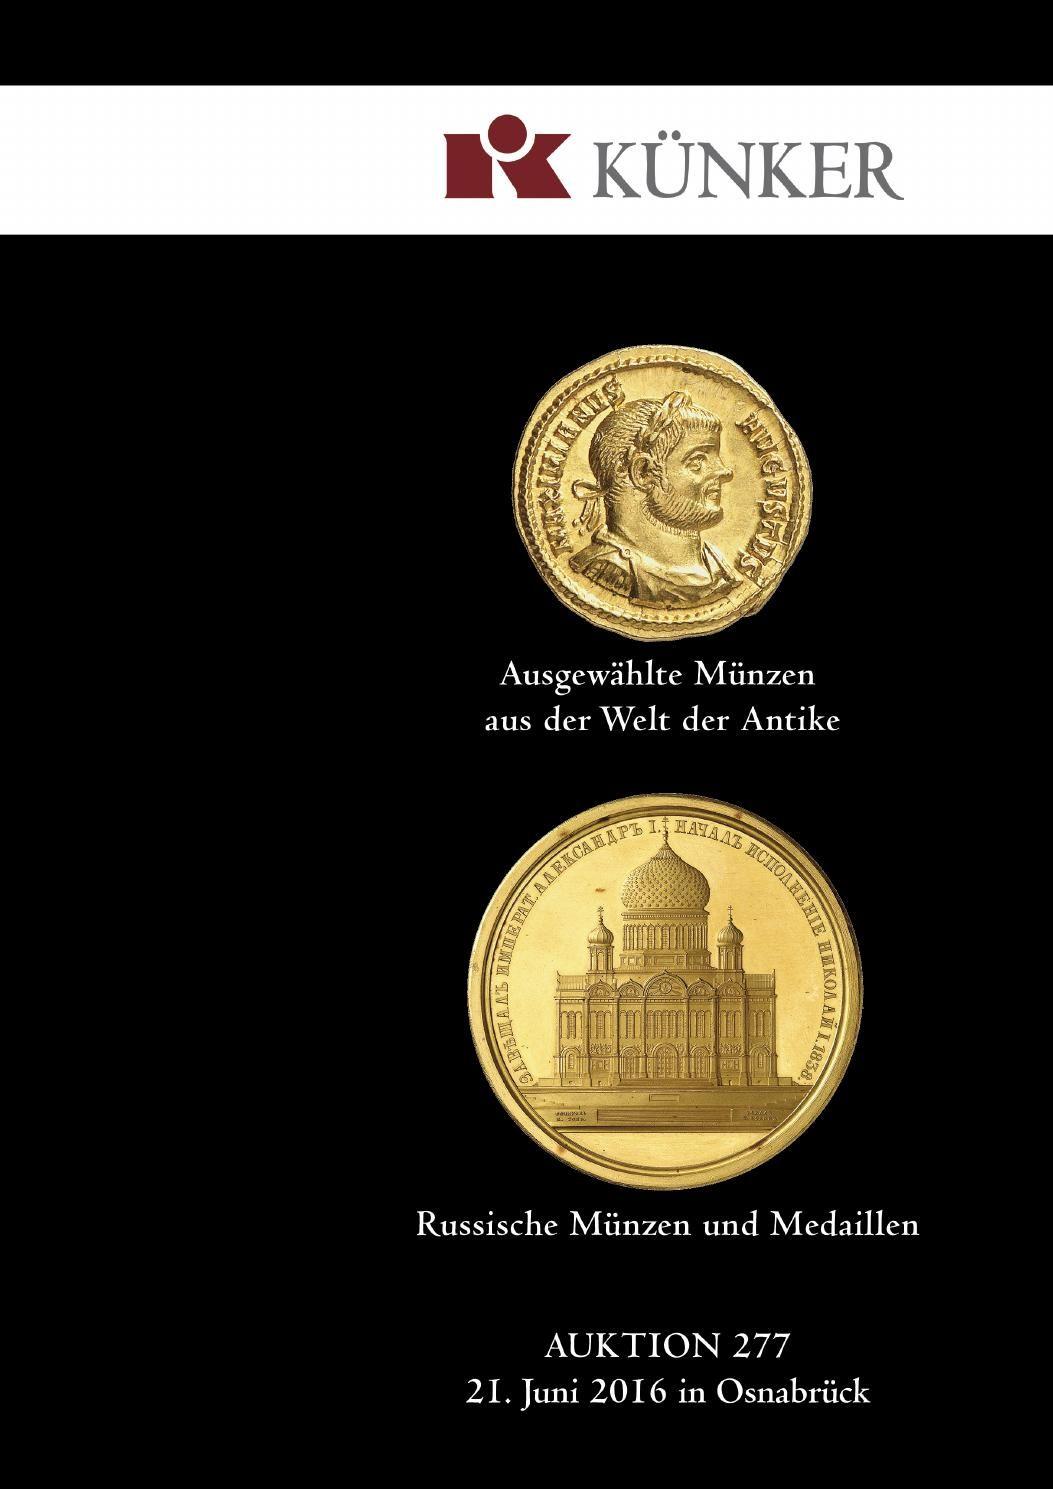 Künker Auktion 277 Ausgewählte Münzen Aus Der Welt Der Antike